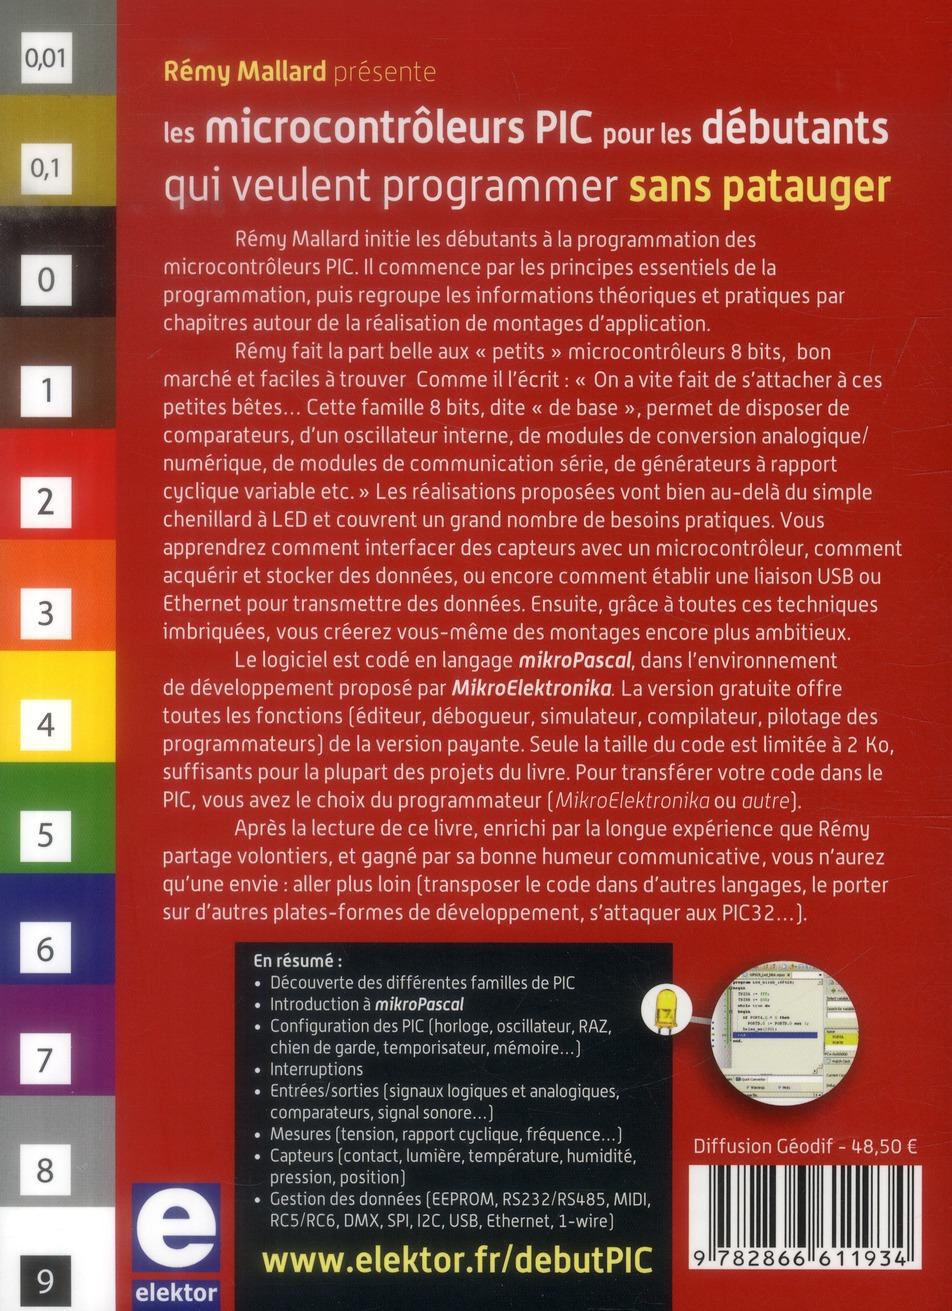 Les microcontrôleurs PIC pour les débutants qui veulent programmer sans patauger